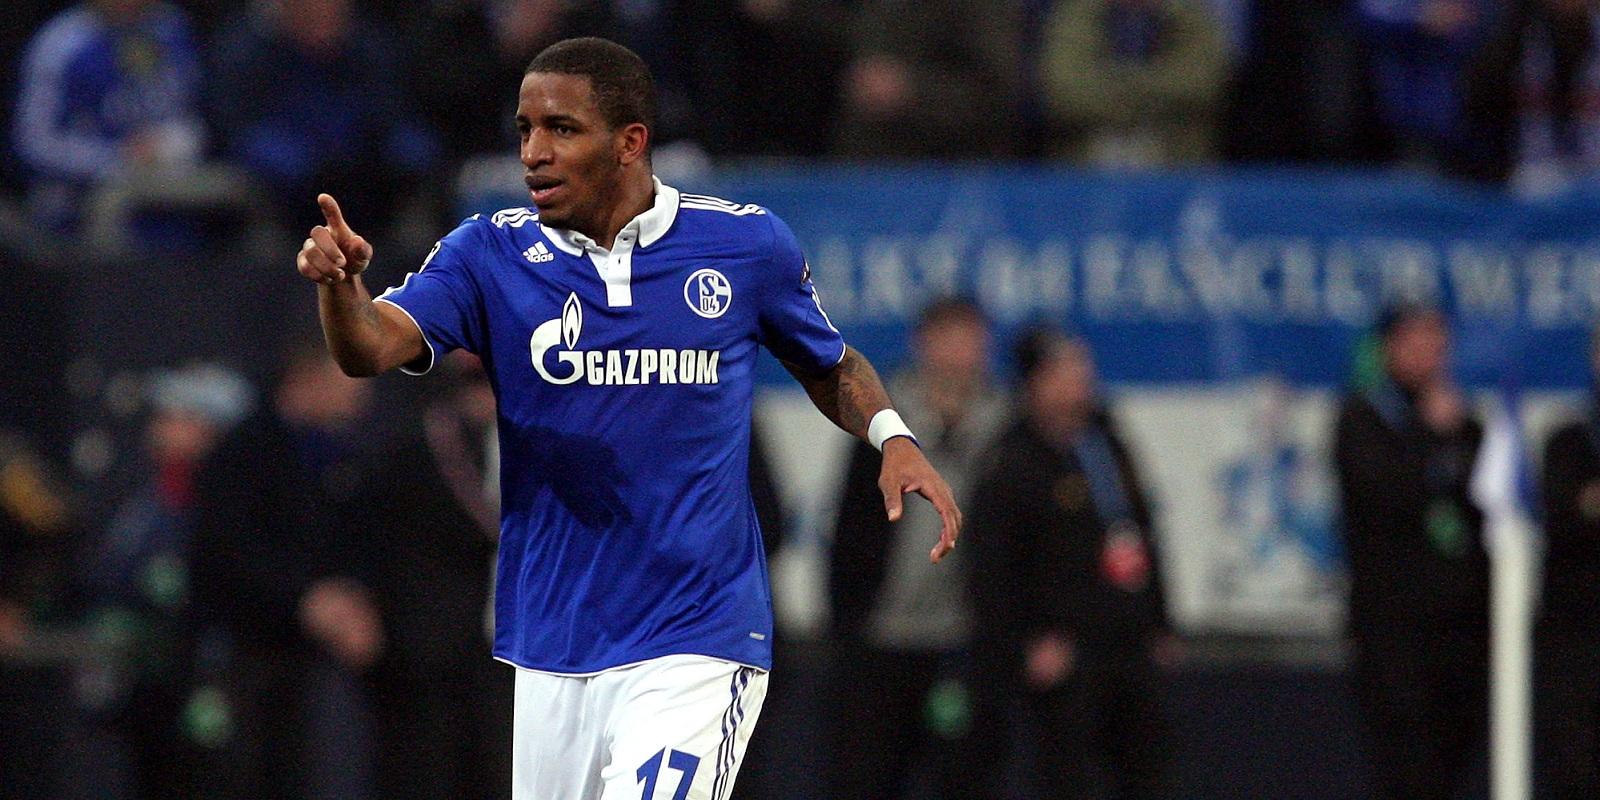 Schalke uit DFB-Pokal, 'BVB' eenvoudig verder